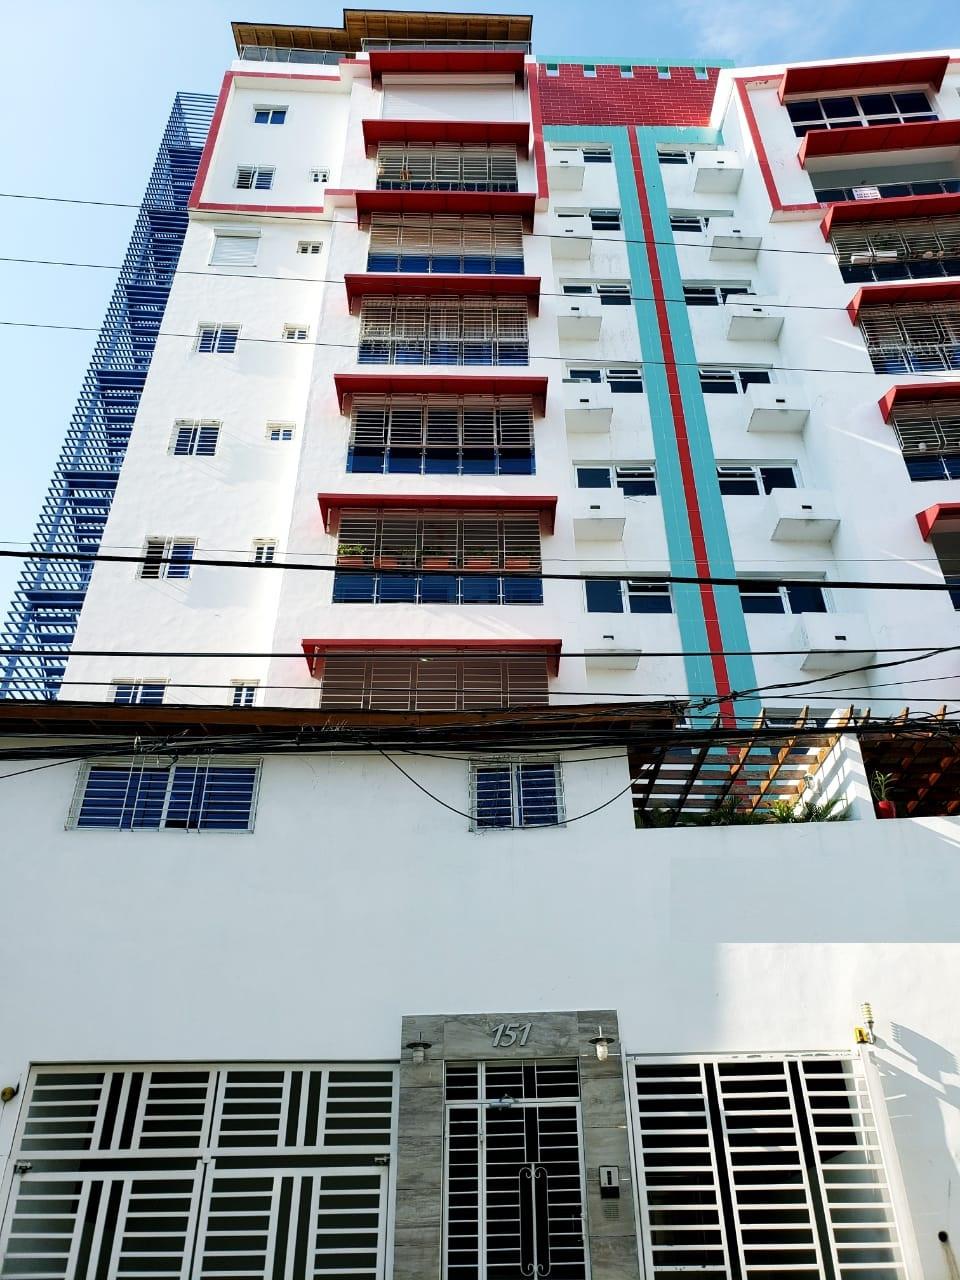 Apartamento en venta en el sector MIRADOR NORTE precio RD$ 12,750,000.00 RD$12,750,000